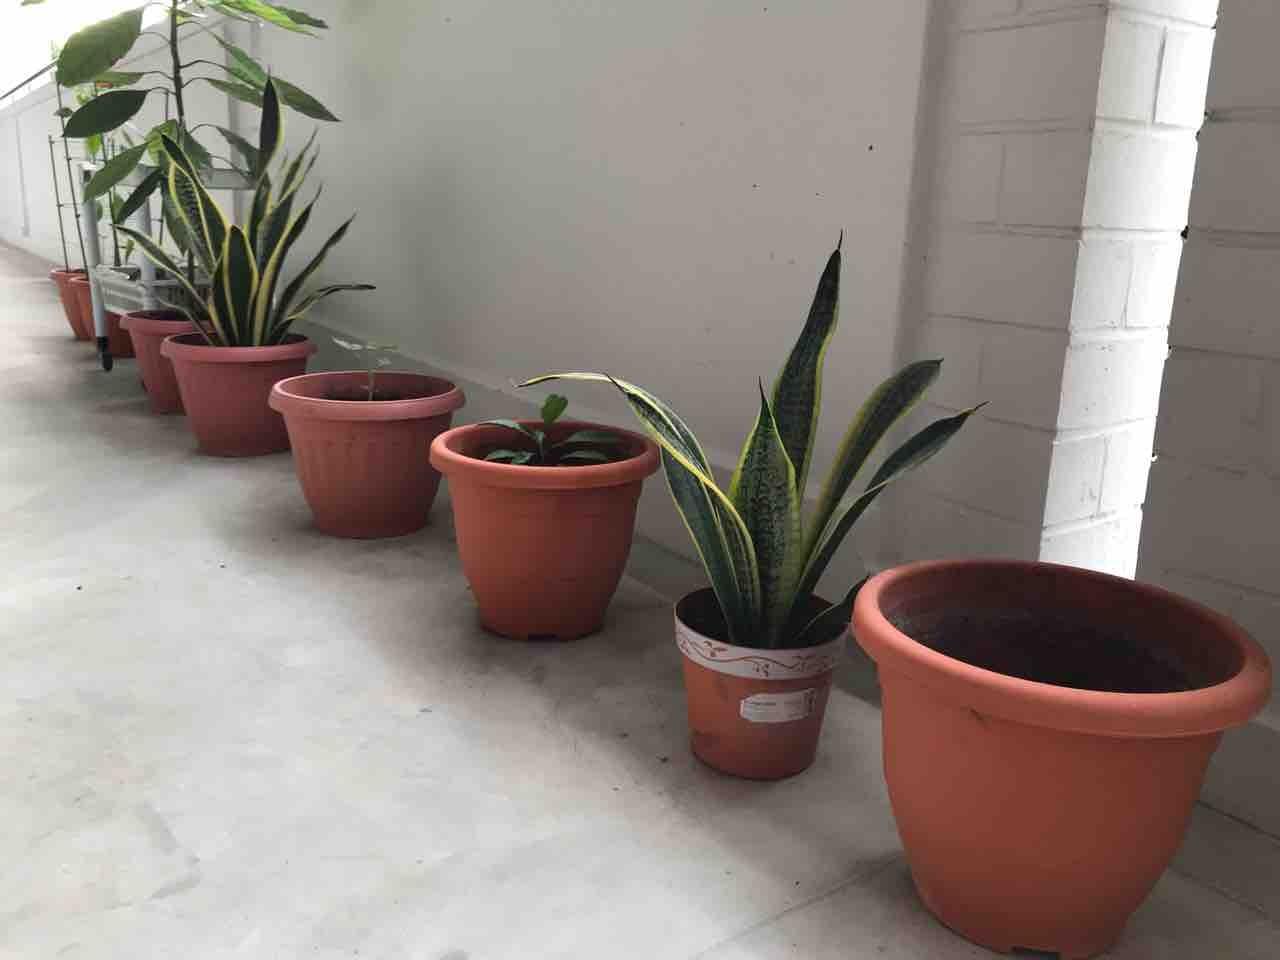 Pots with soil/ plants